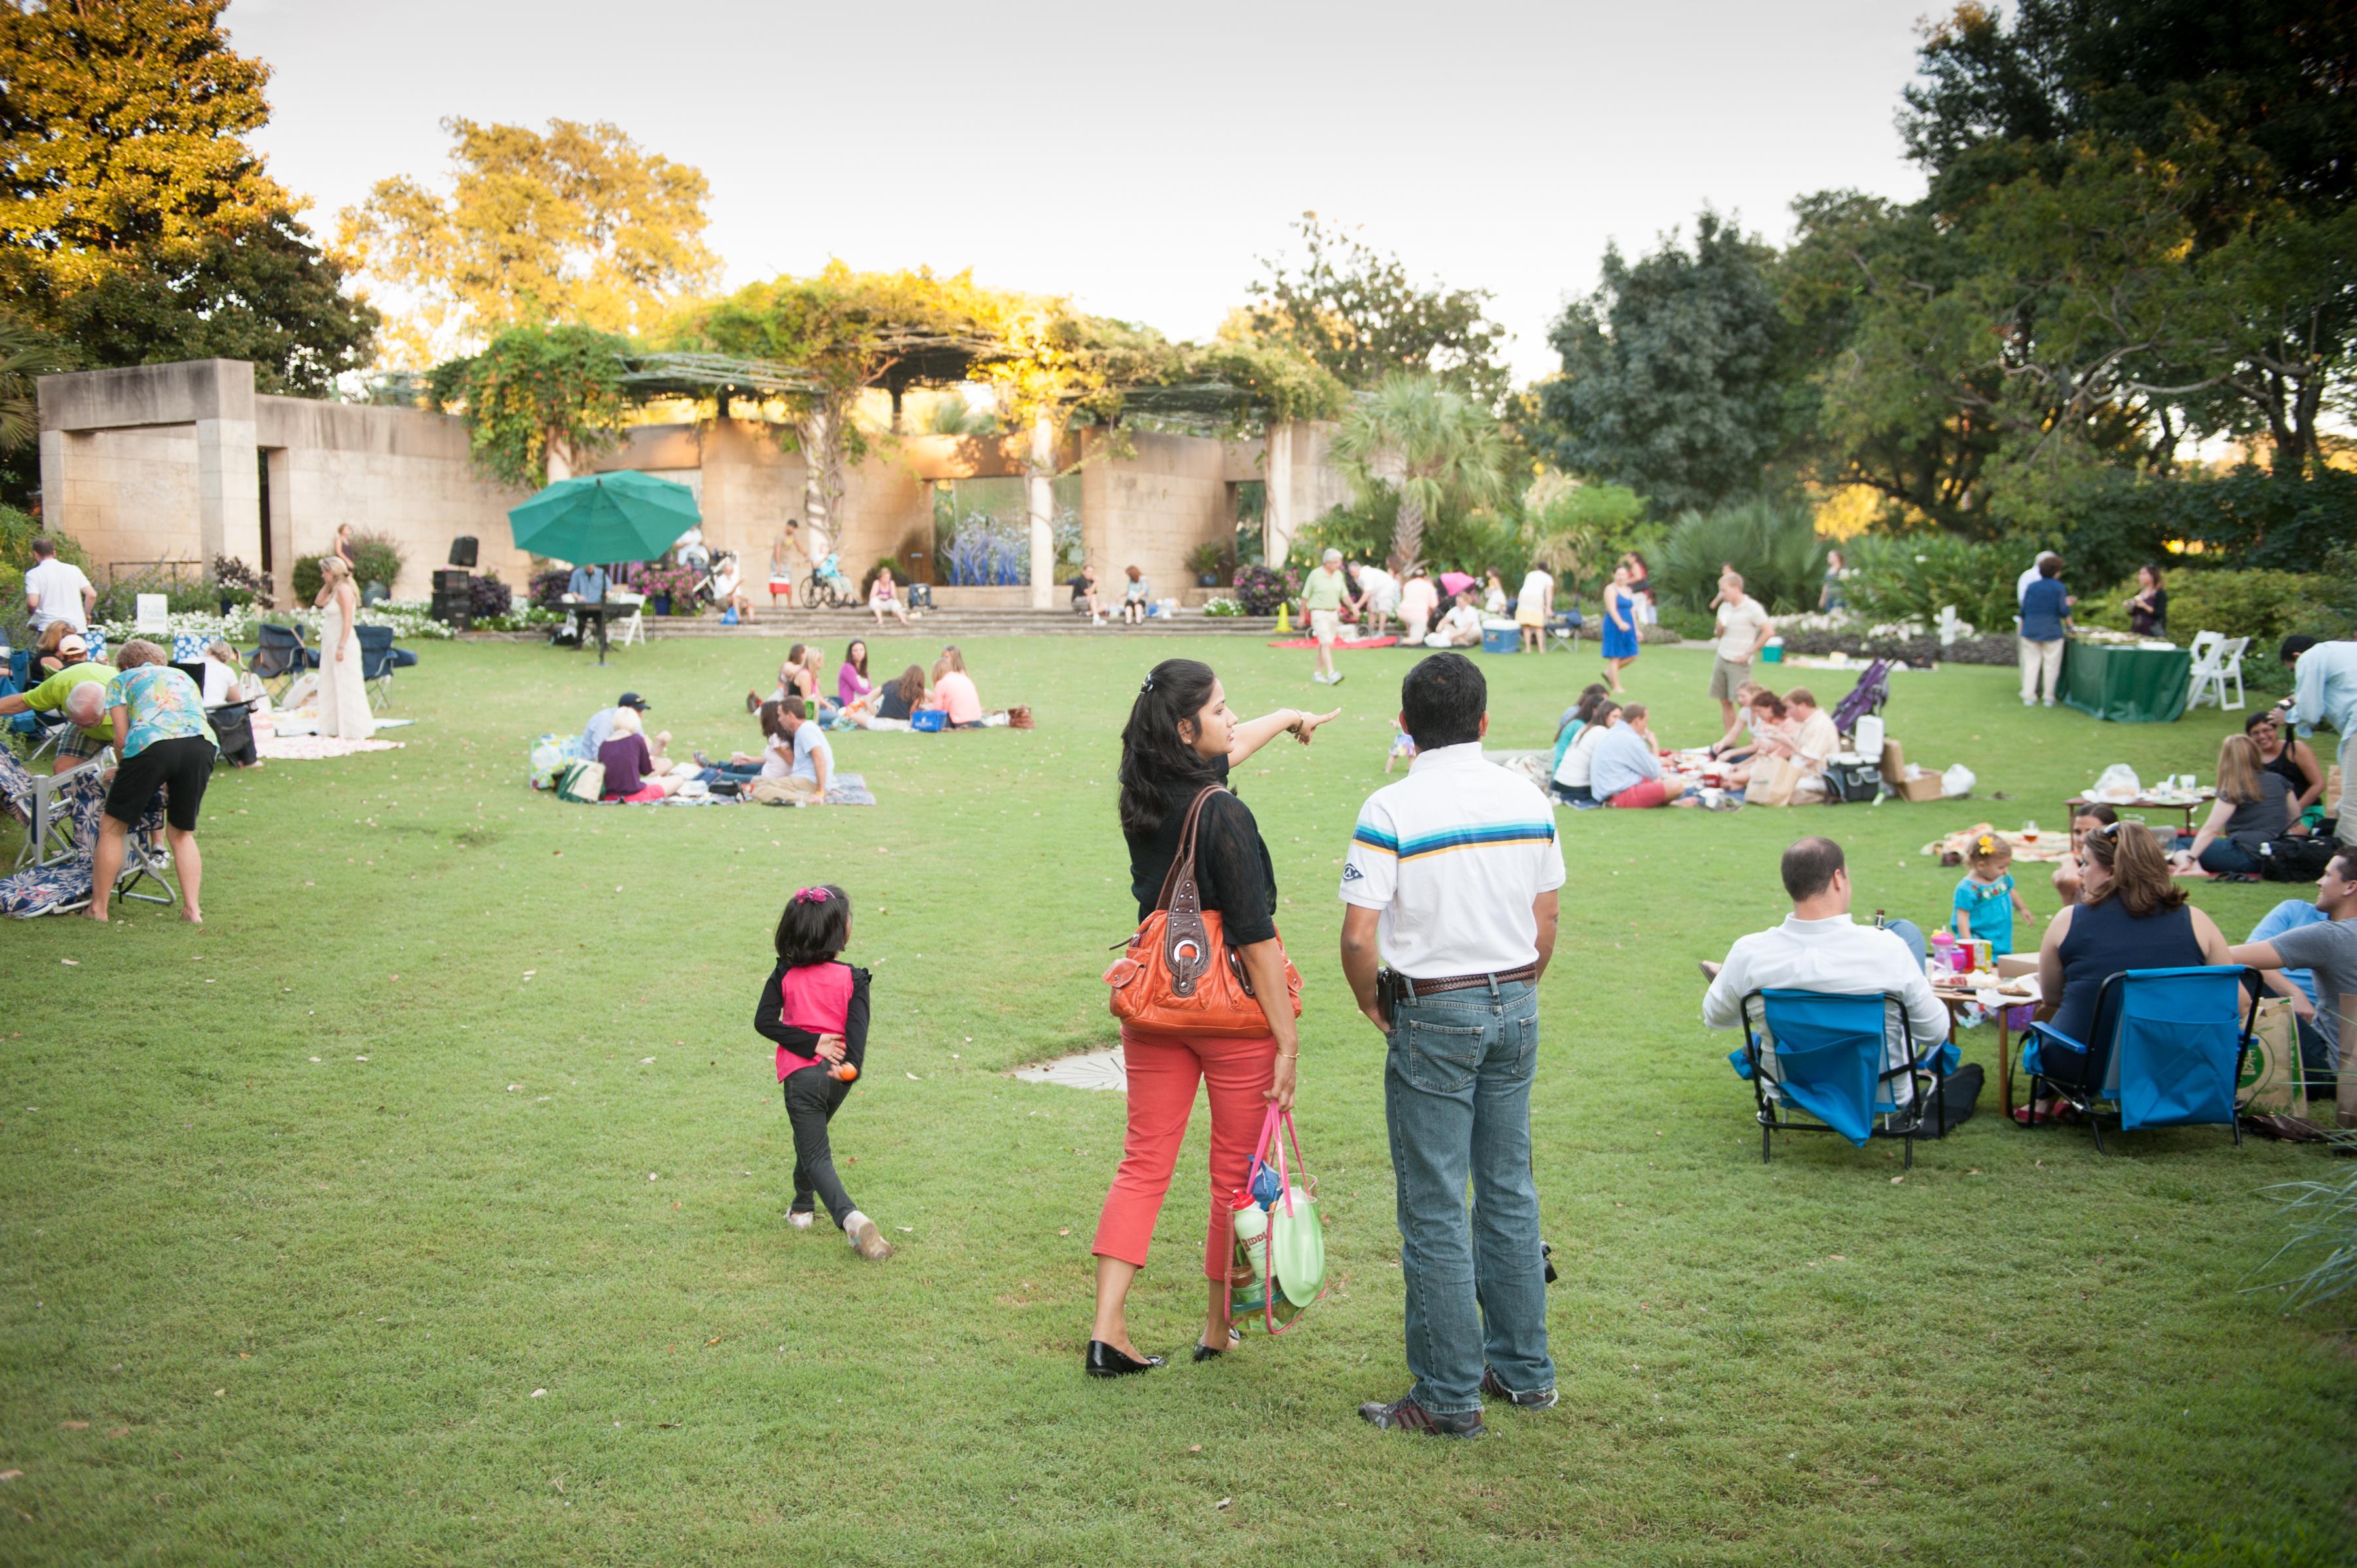 Dallas Arboretum Christmas 2020 Events & Activities | Dallas Arboretum and Botanical Garden